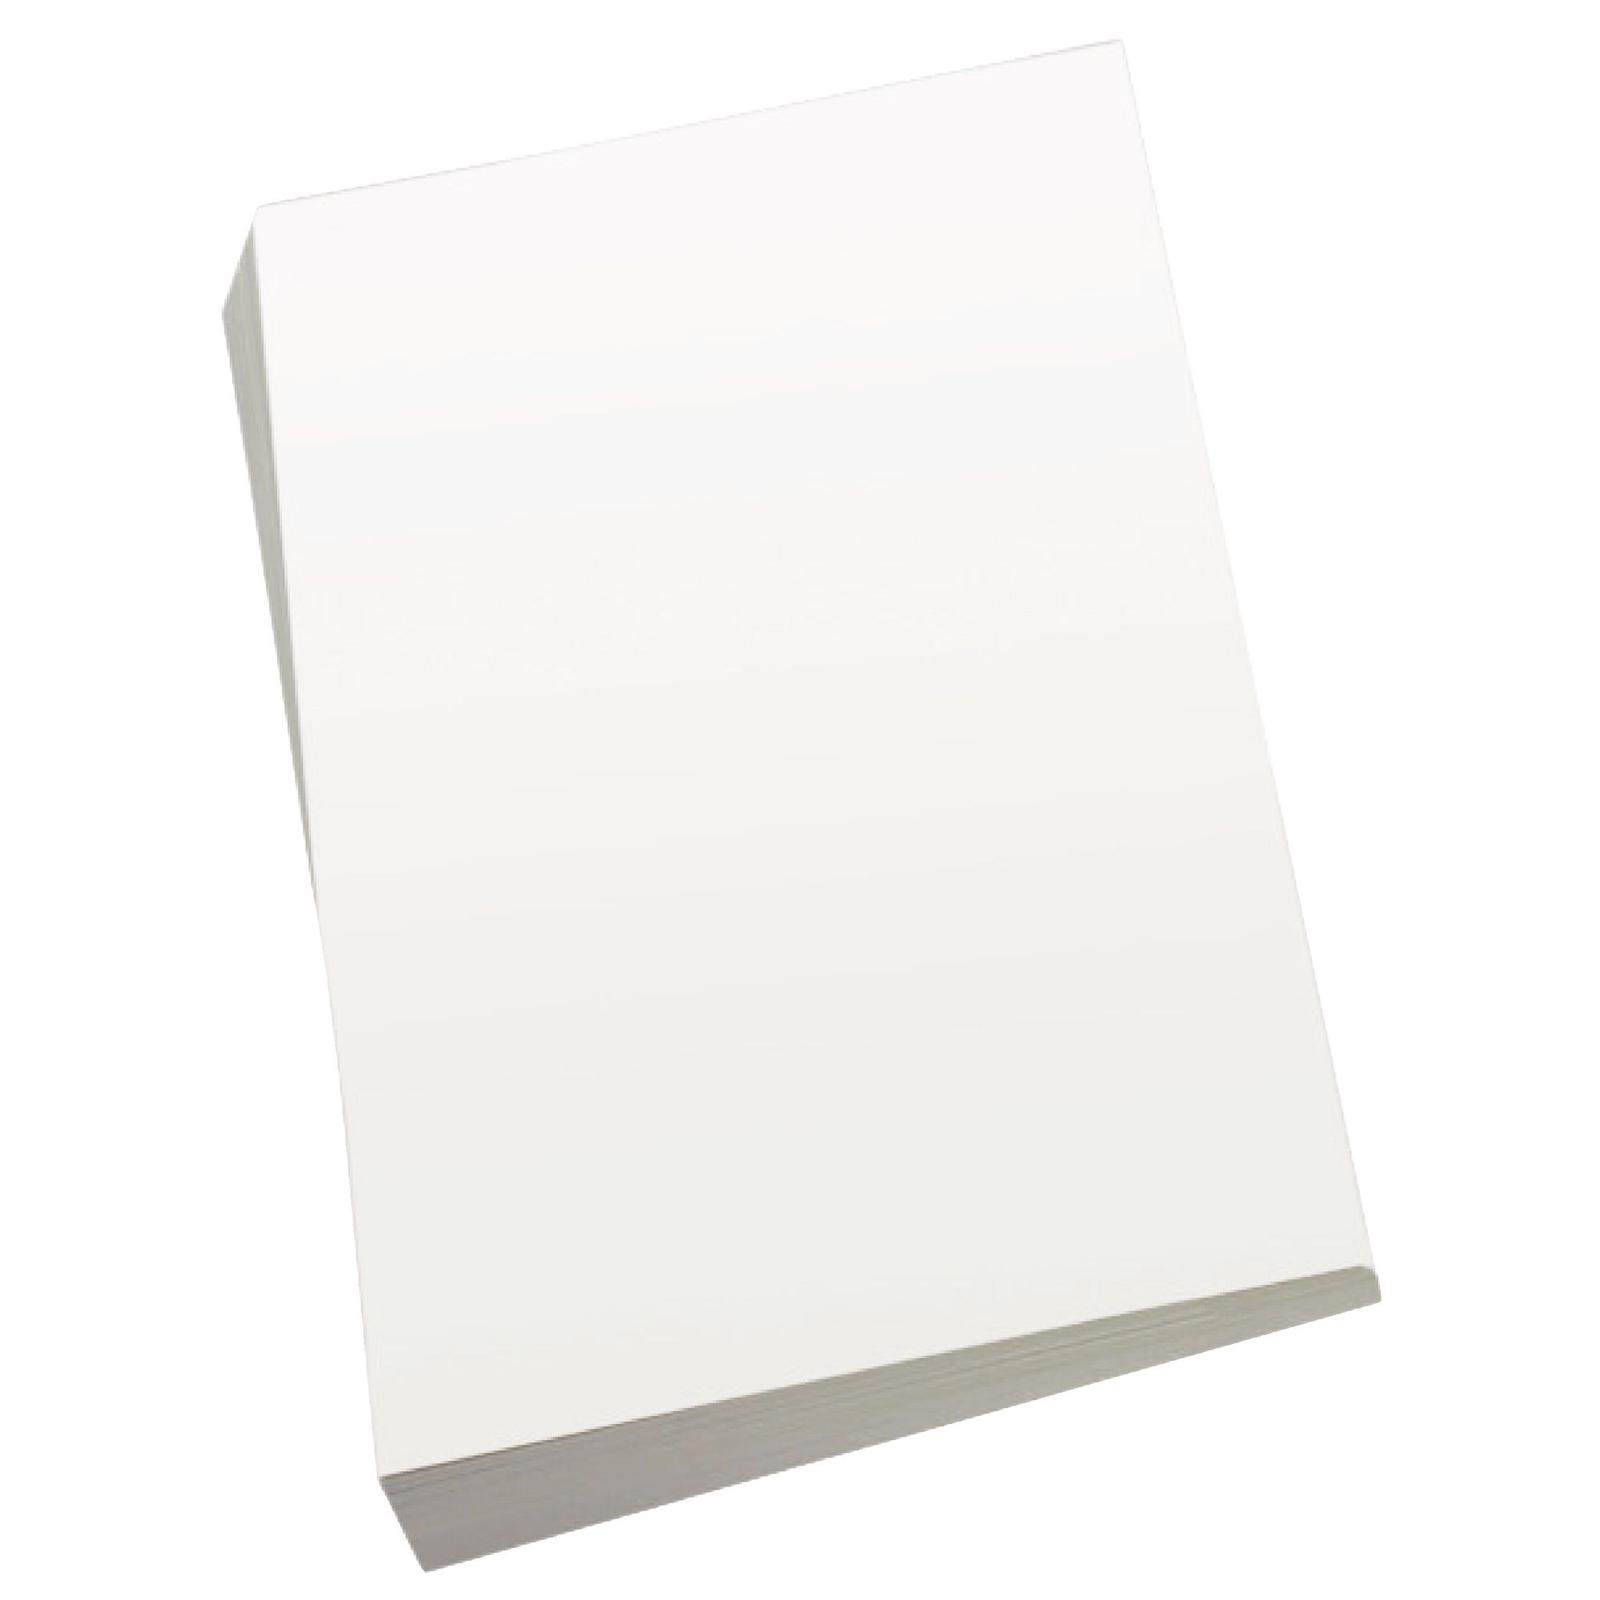 White Copier Card - A4